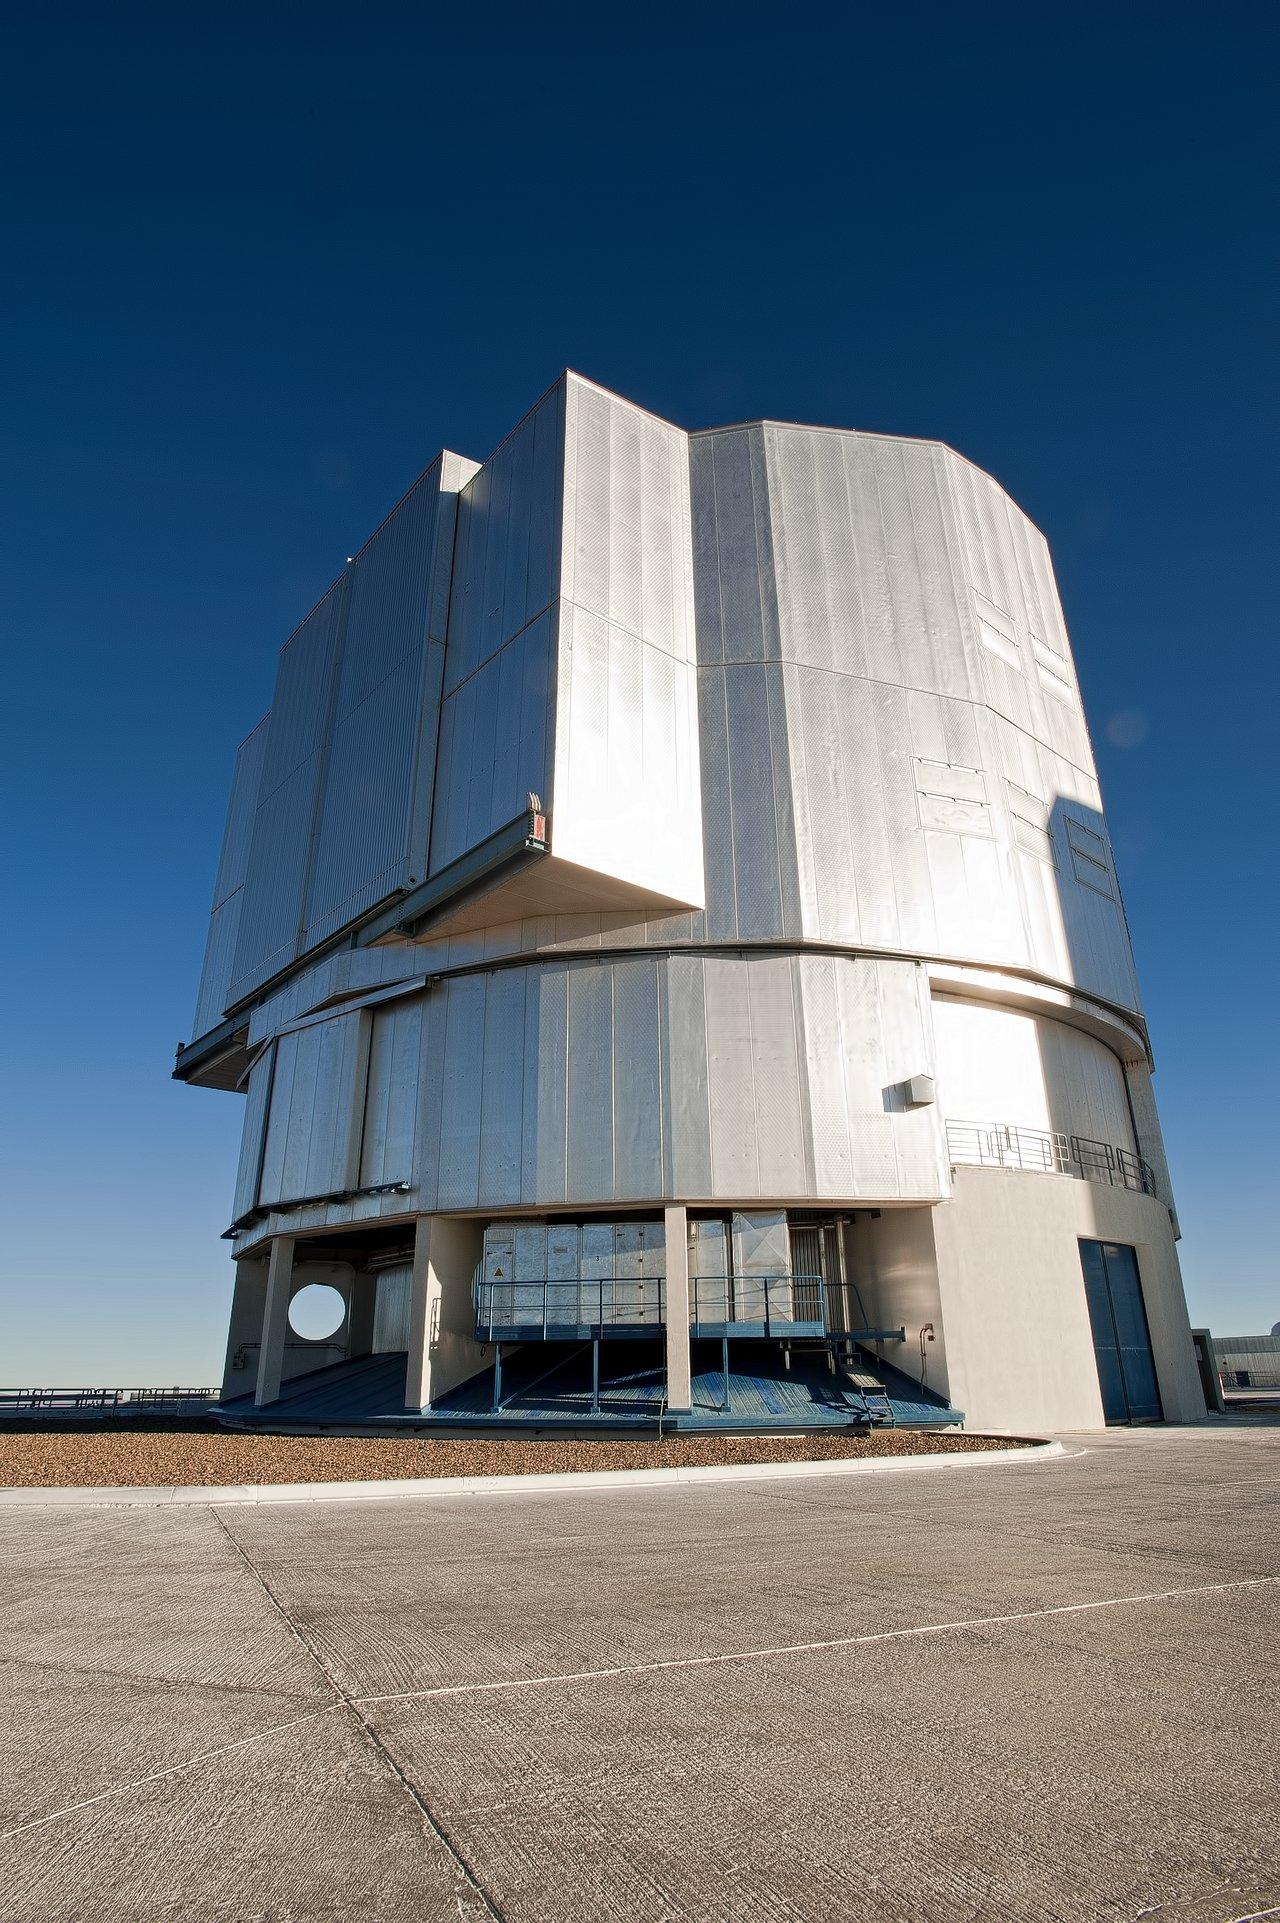 VLT Unit Telescope